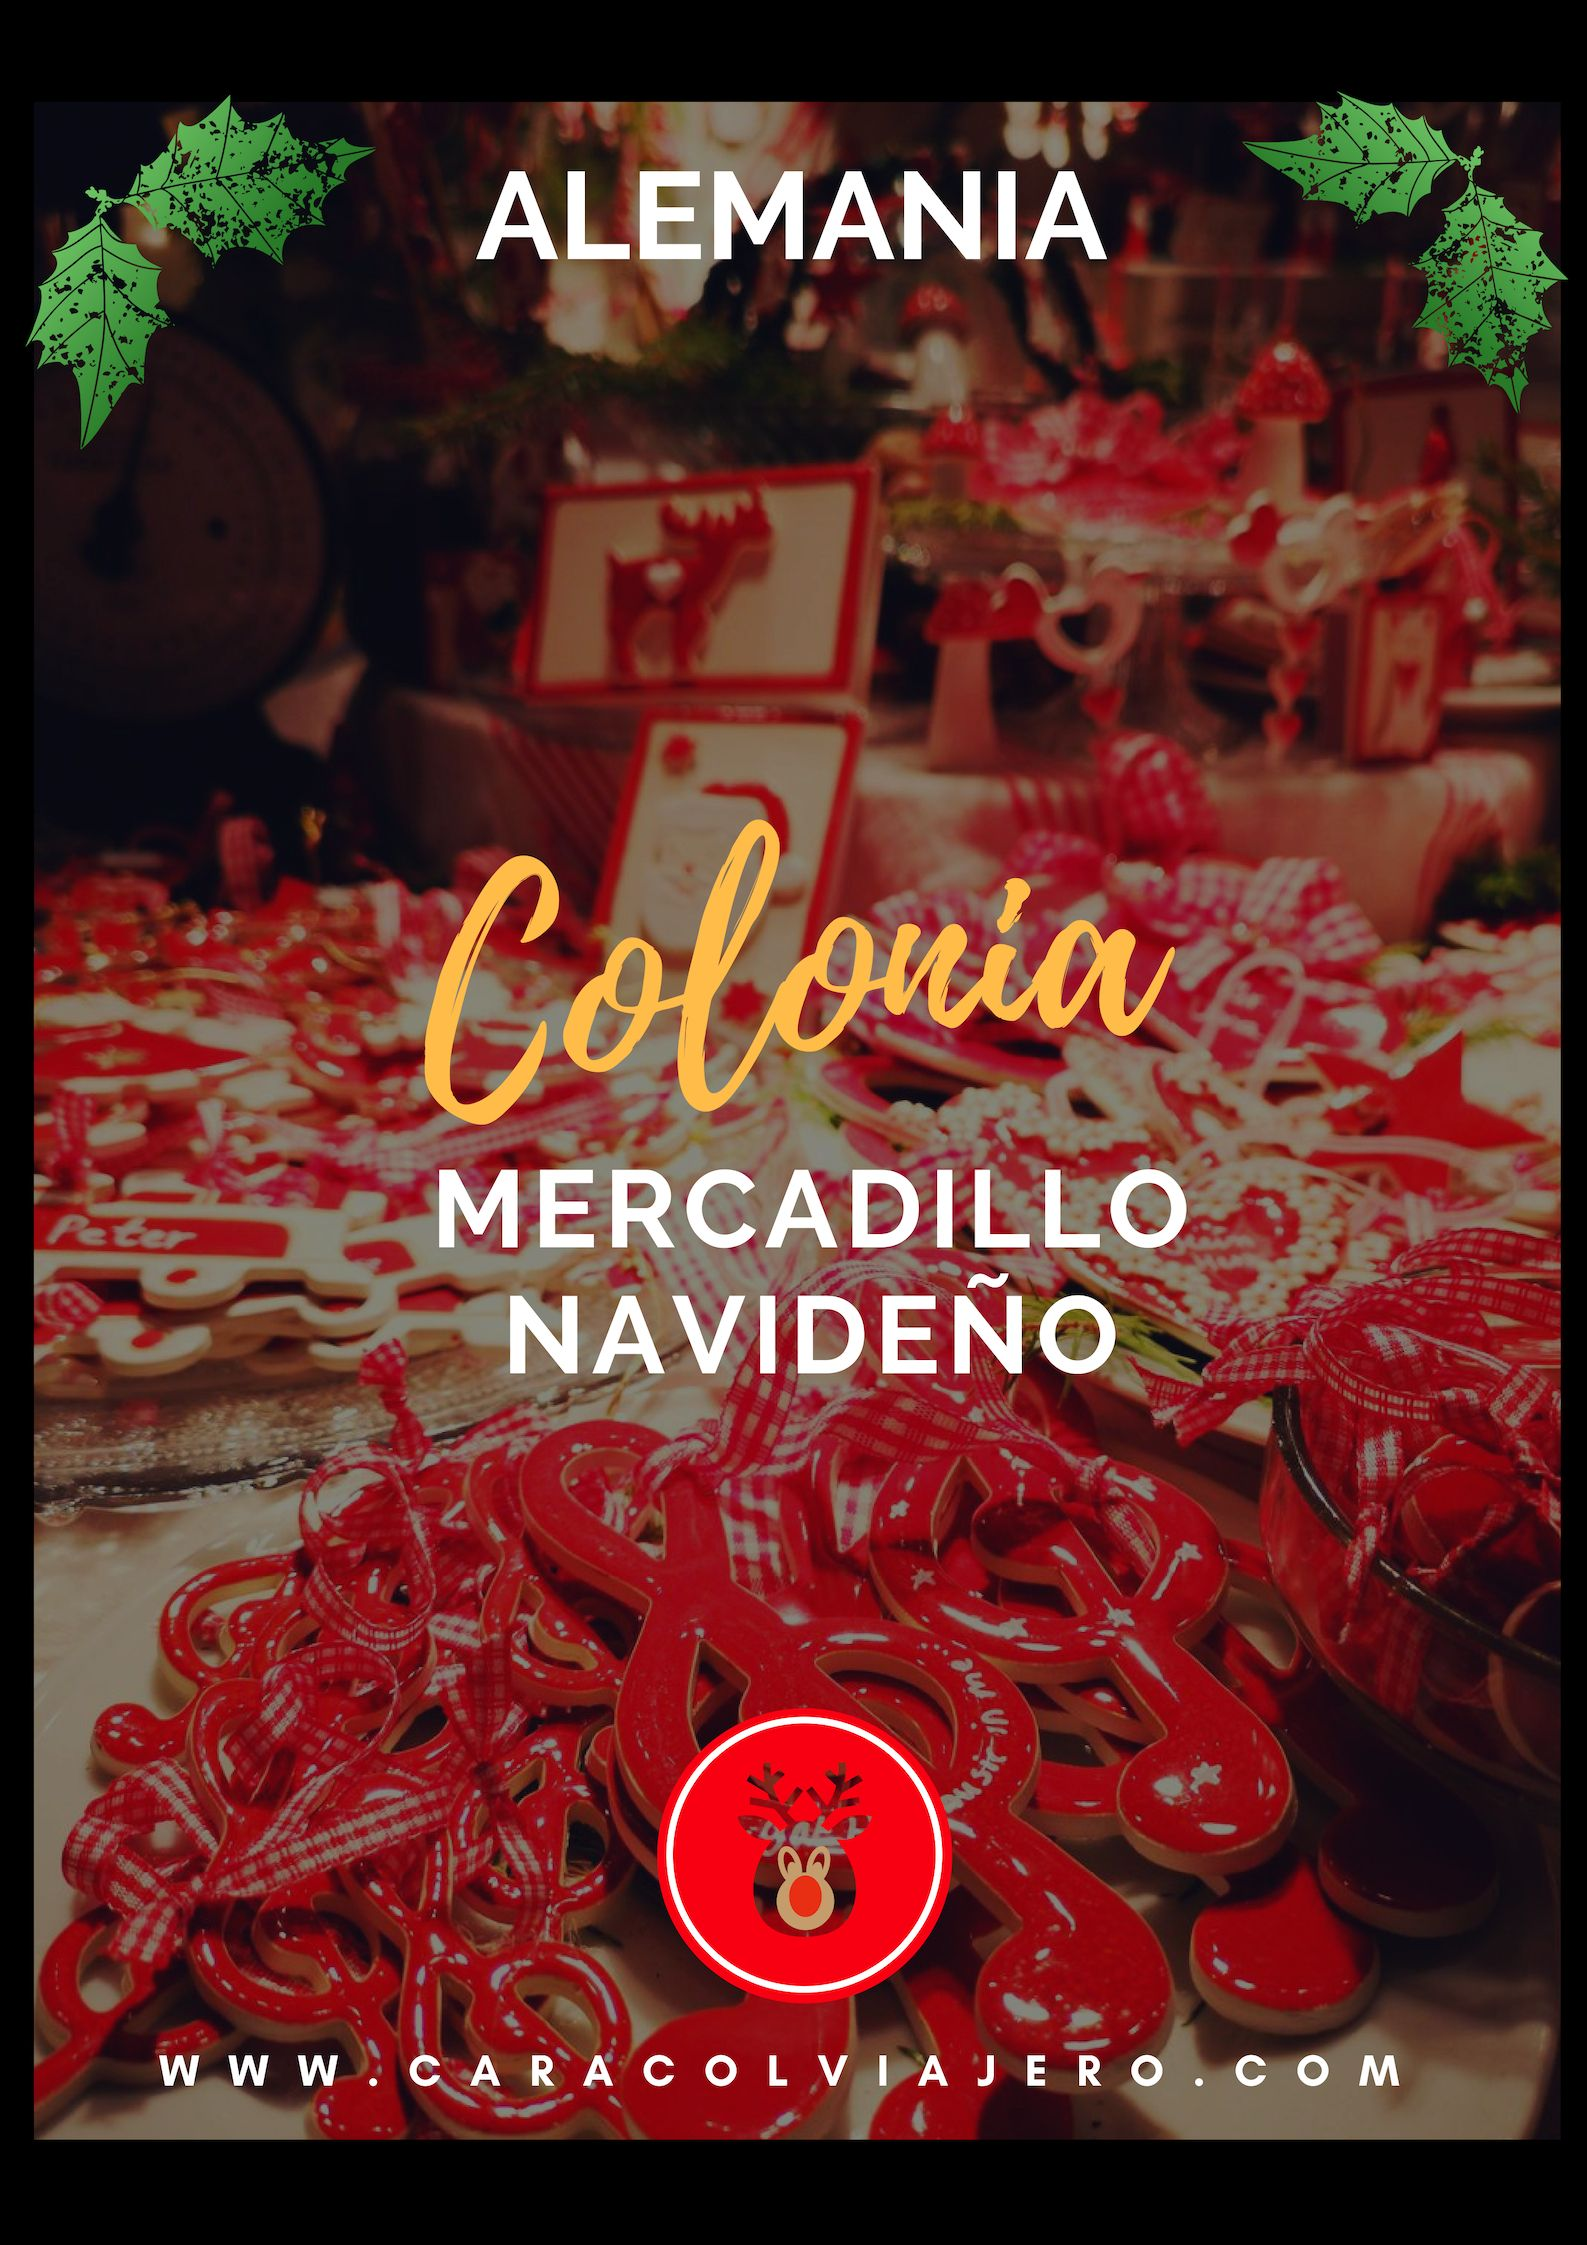 Mercadillos De Navidad En Alemania Colonia Caracol Viajero Mercado De Navidad Mercados Navidenos Viajes Navidad